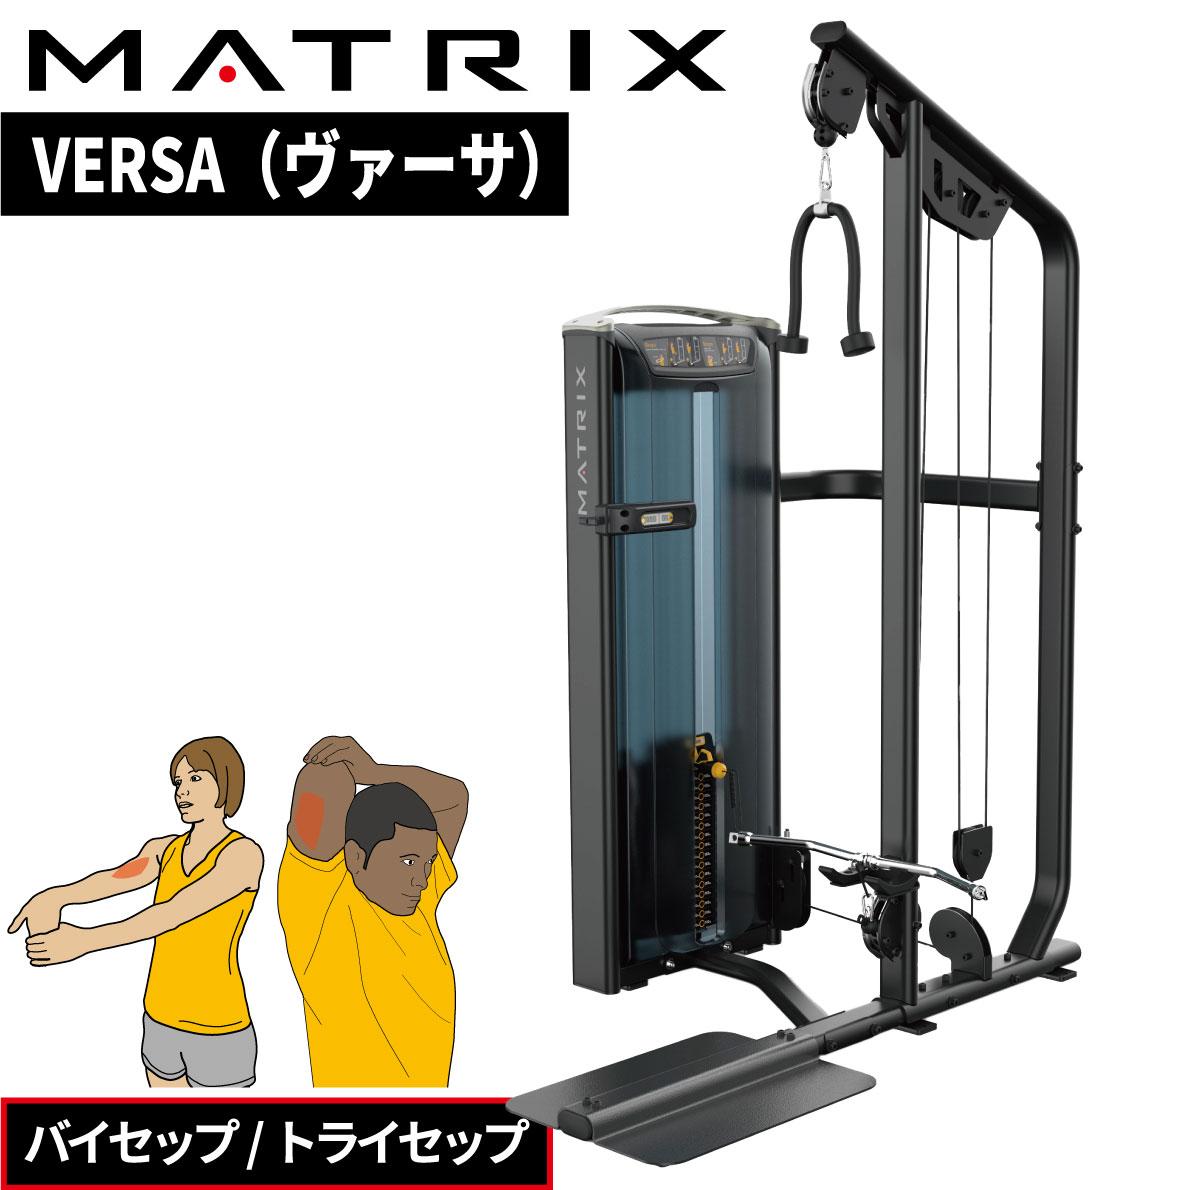 ストレングスマシン ウエイトマシン バイセップ トライセップ トレーニングマシン 業務用 VERSAシリーズ VS-S401 ジョンソン ジョンソンヘルステック ウエイトトレーニング 業務用MATRIX 業務用フィットネスマシン